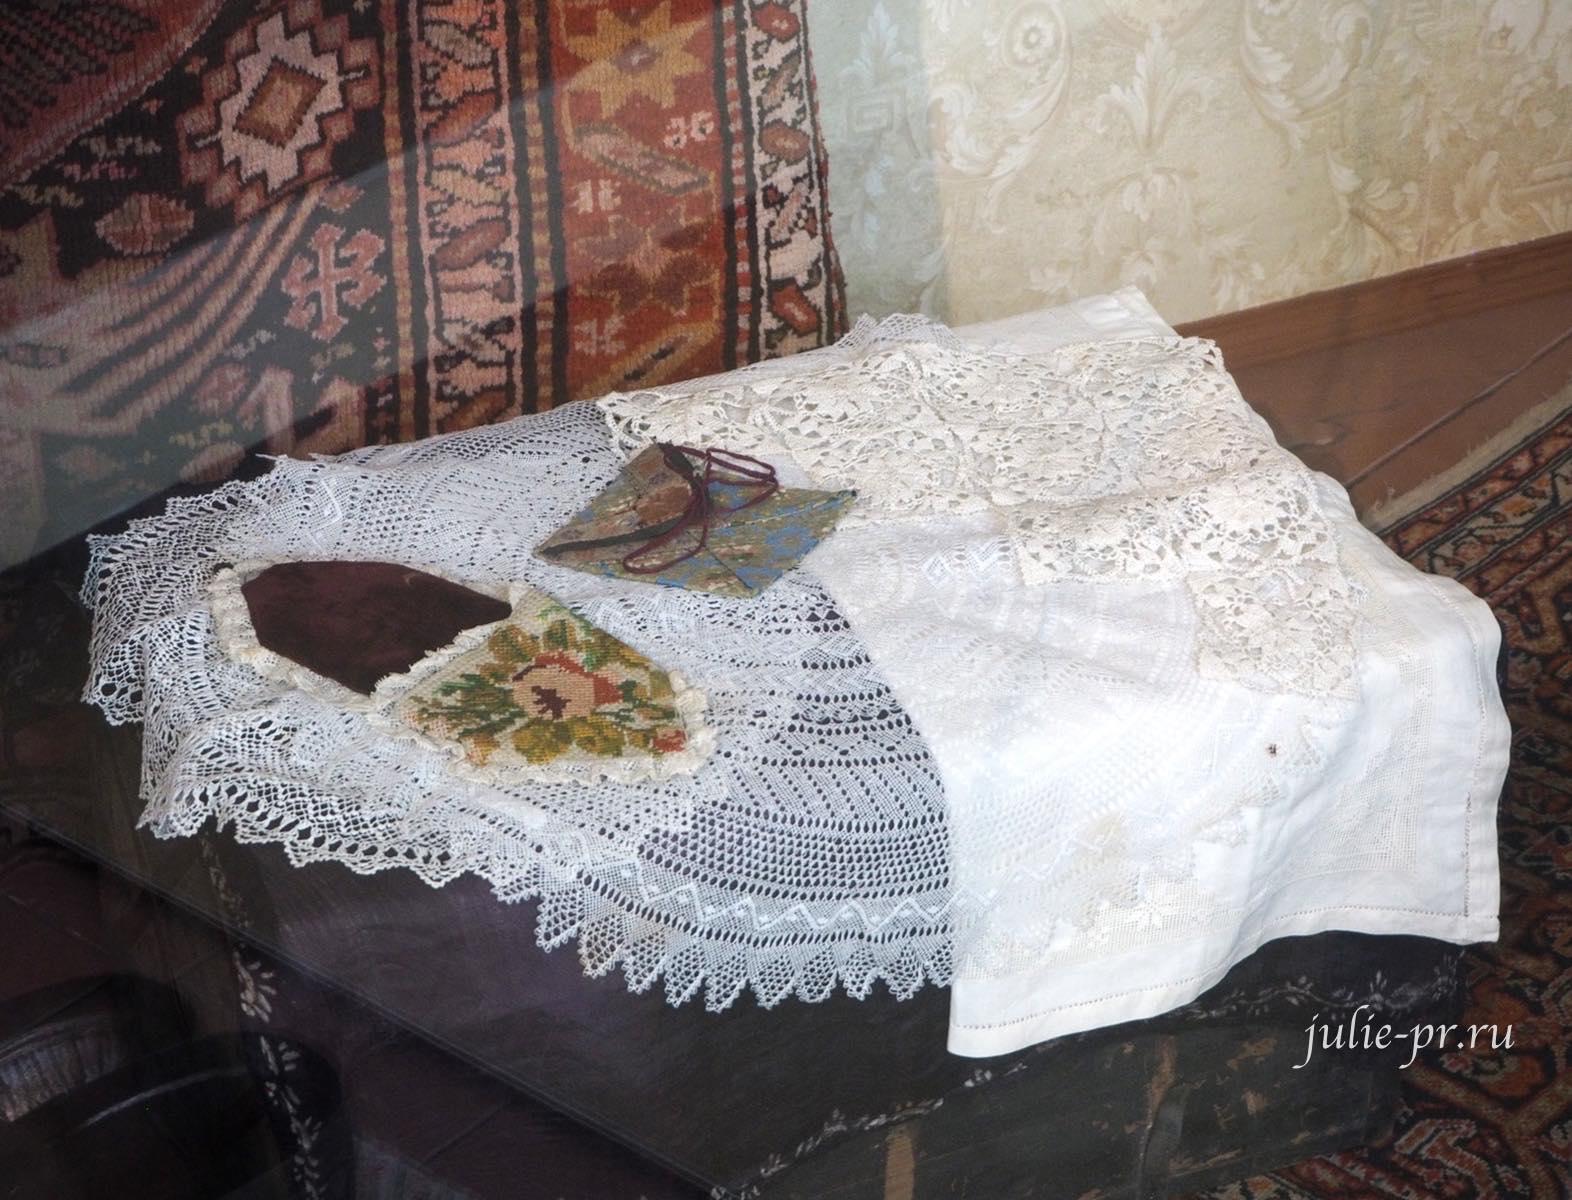 Российский этнографический музей, Санкт-Петербург, народная вышивка, вышивка крестом